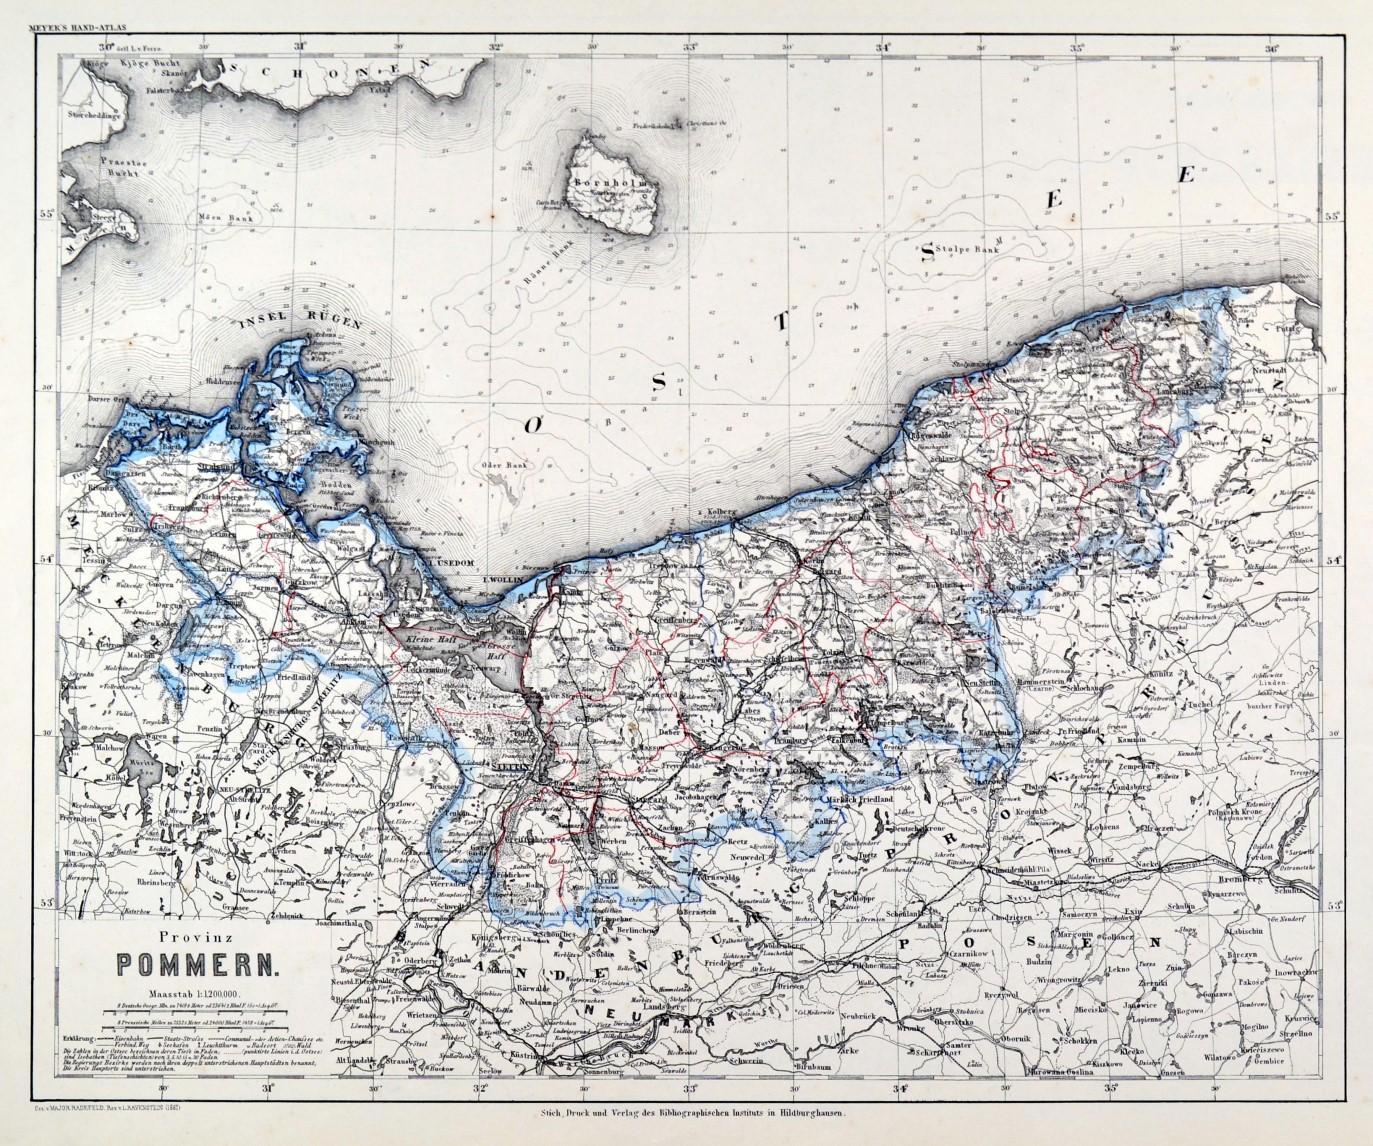 Pommern Karte Provinz Pommern Kunst Nbsp Nbsp